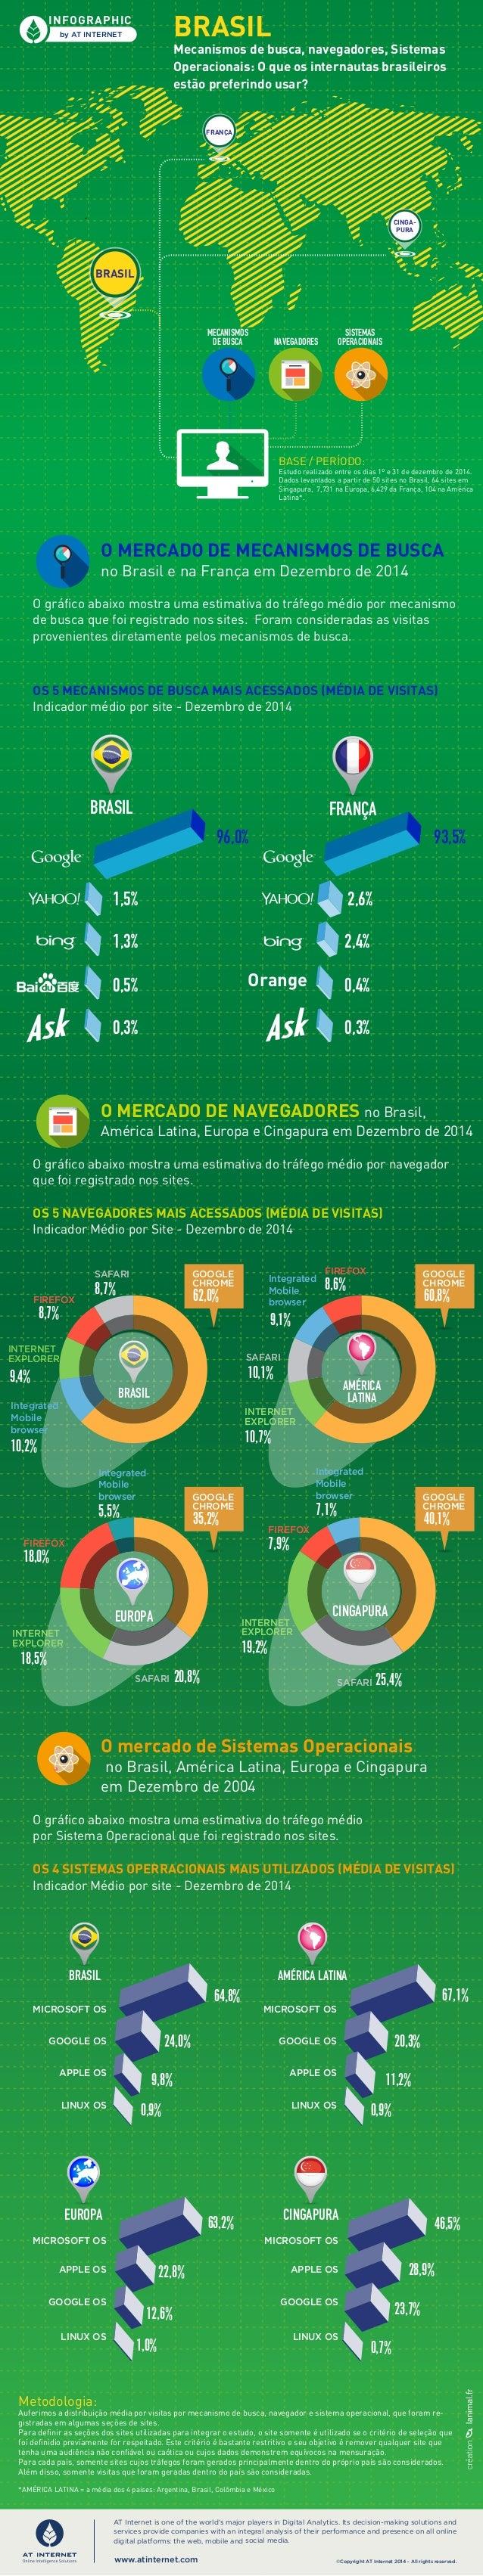 Mecanismos de busca, navegadores, Sistemas Operacionais: O que os internautas brasileiros estão preferindo usar? INFOGRAPH...